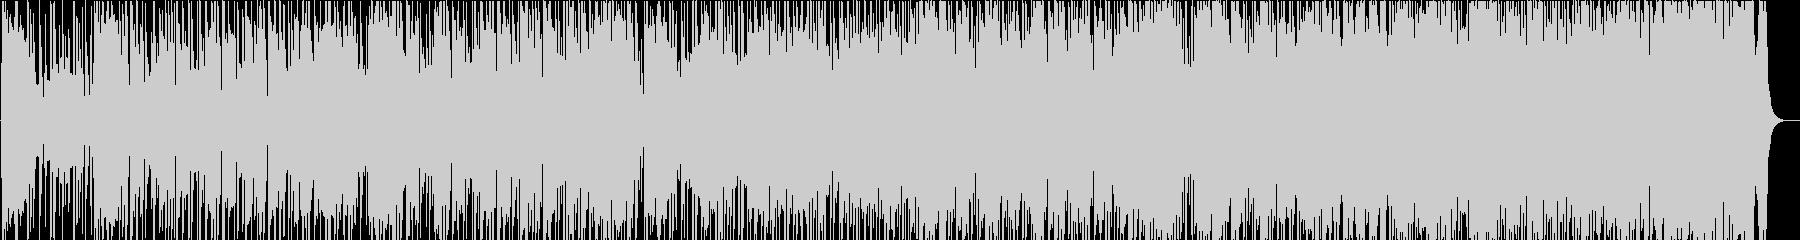 明るく楽しいビンテージブルースロックミュの未再生の波形